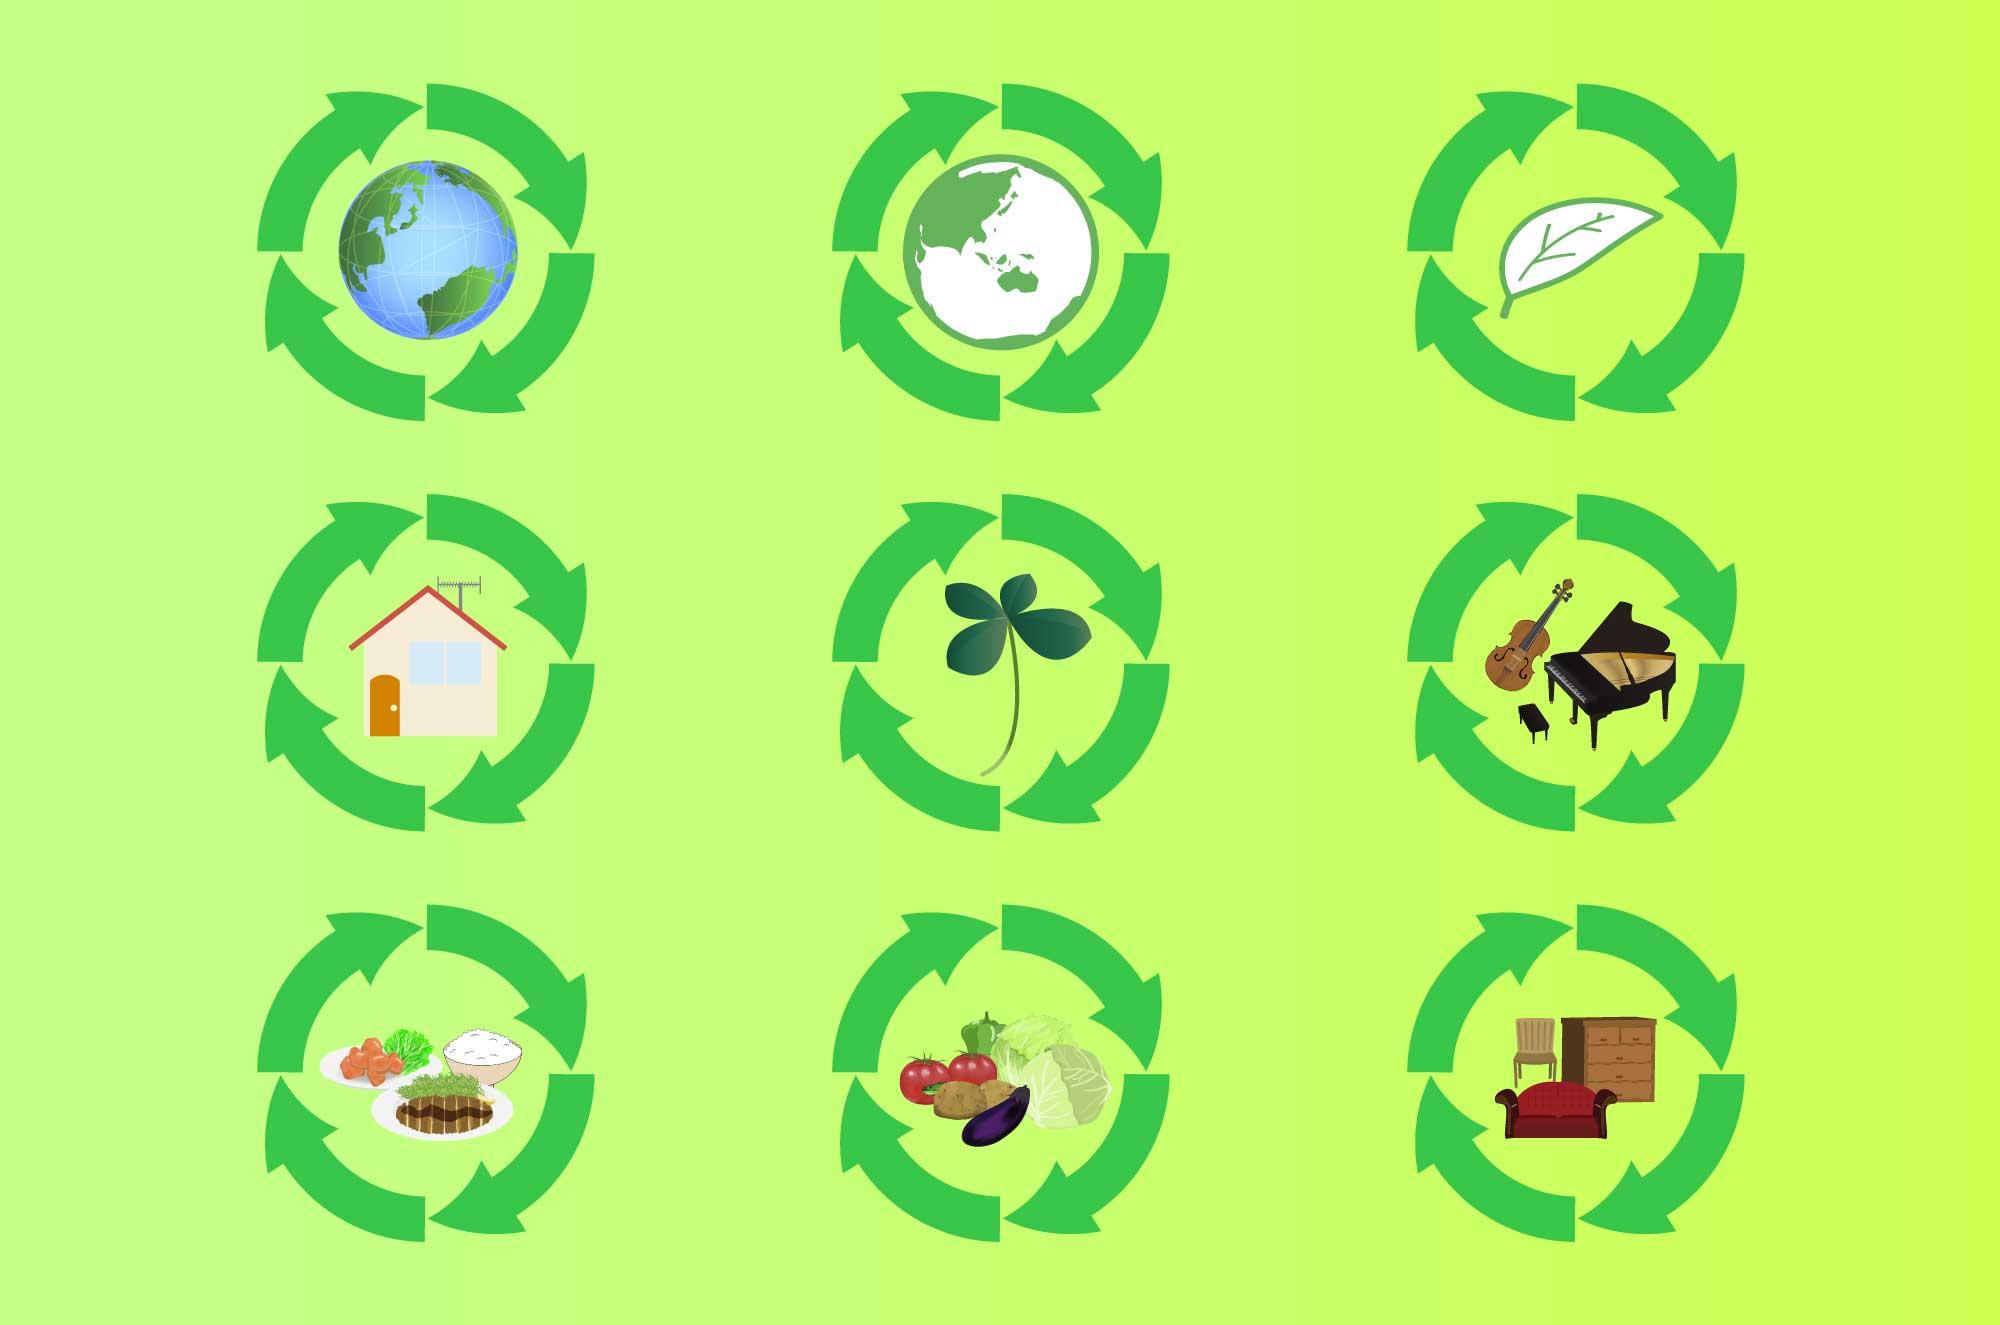 リサイクルのフリーイラスト - エコロジーな無料素材